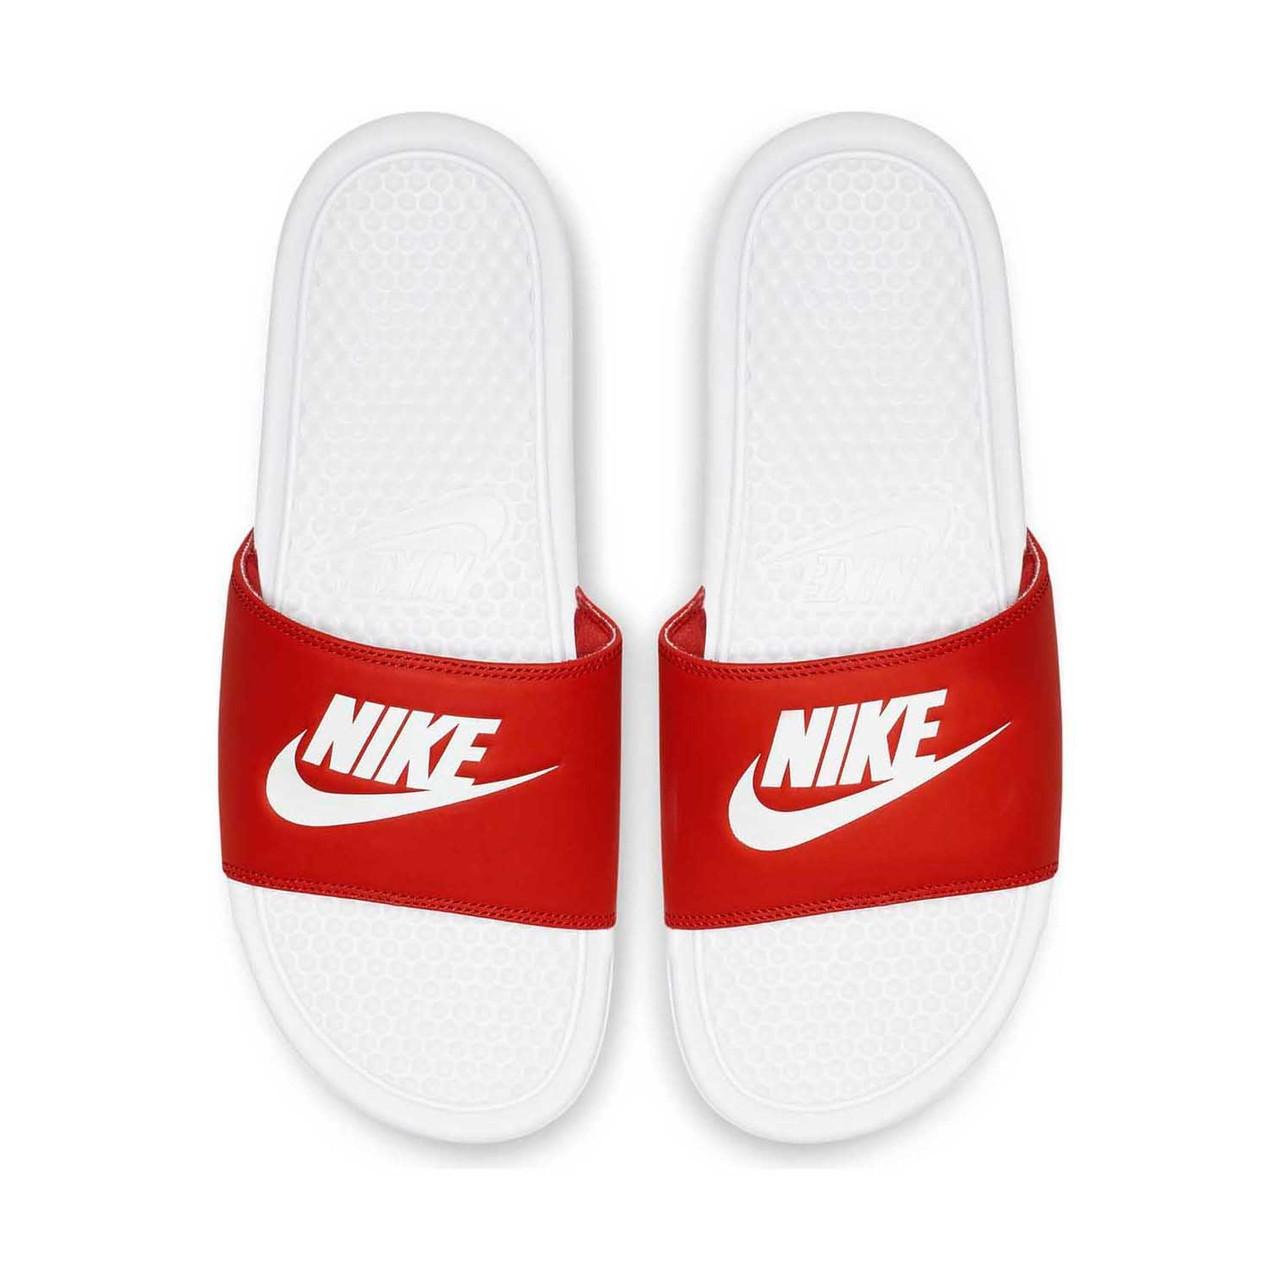 Nike Benassi Оригинальные оранжевые белые шлепанцы тапочки вьетнамки большие размеры 343880-090